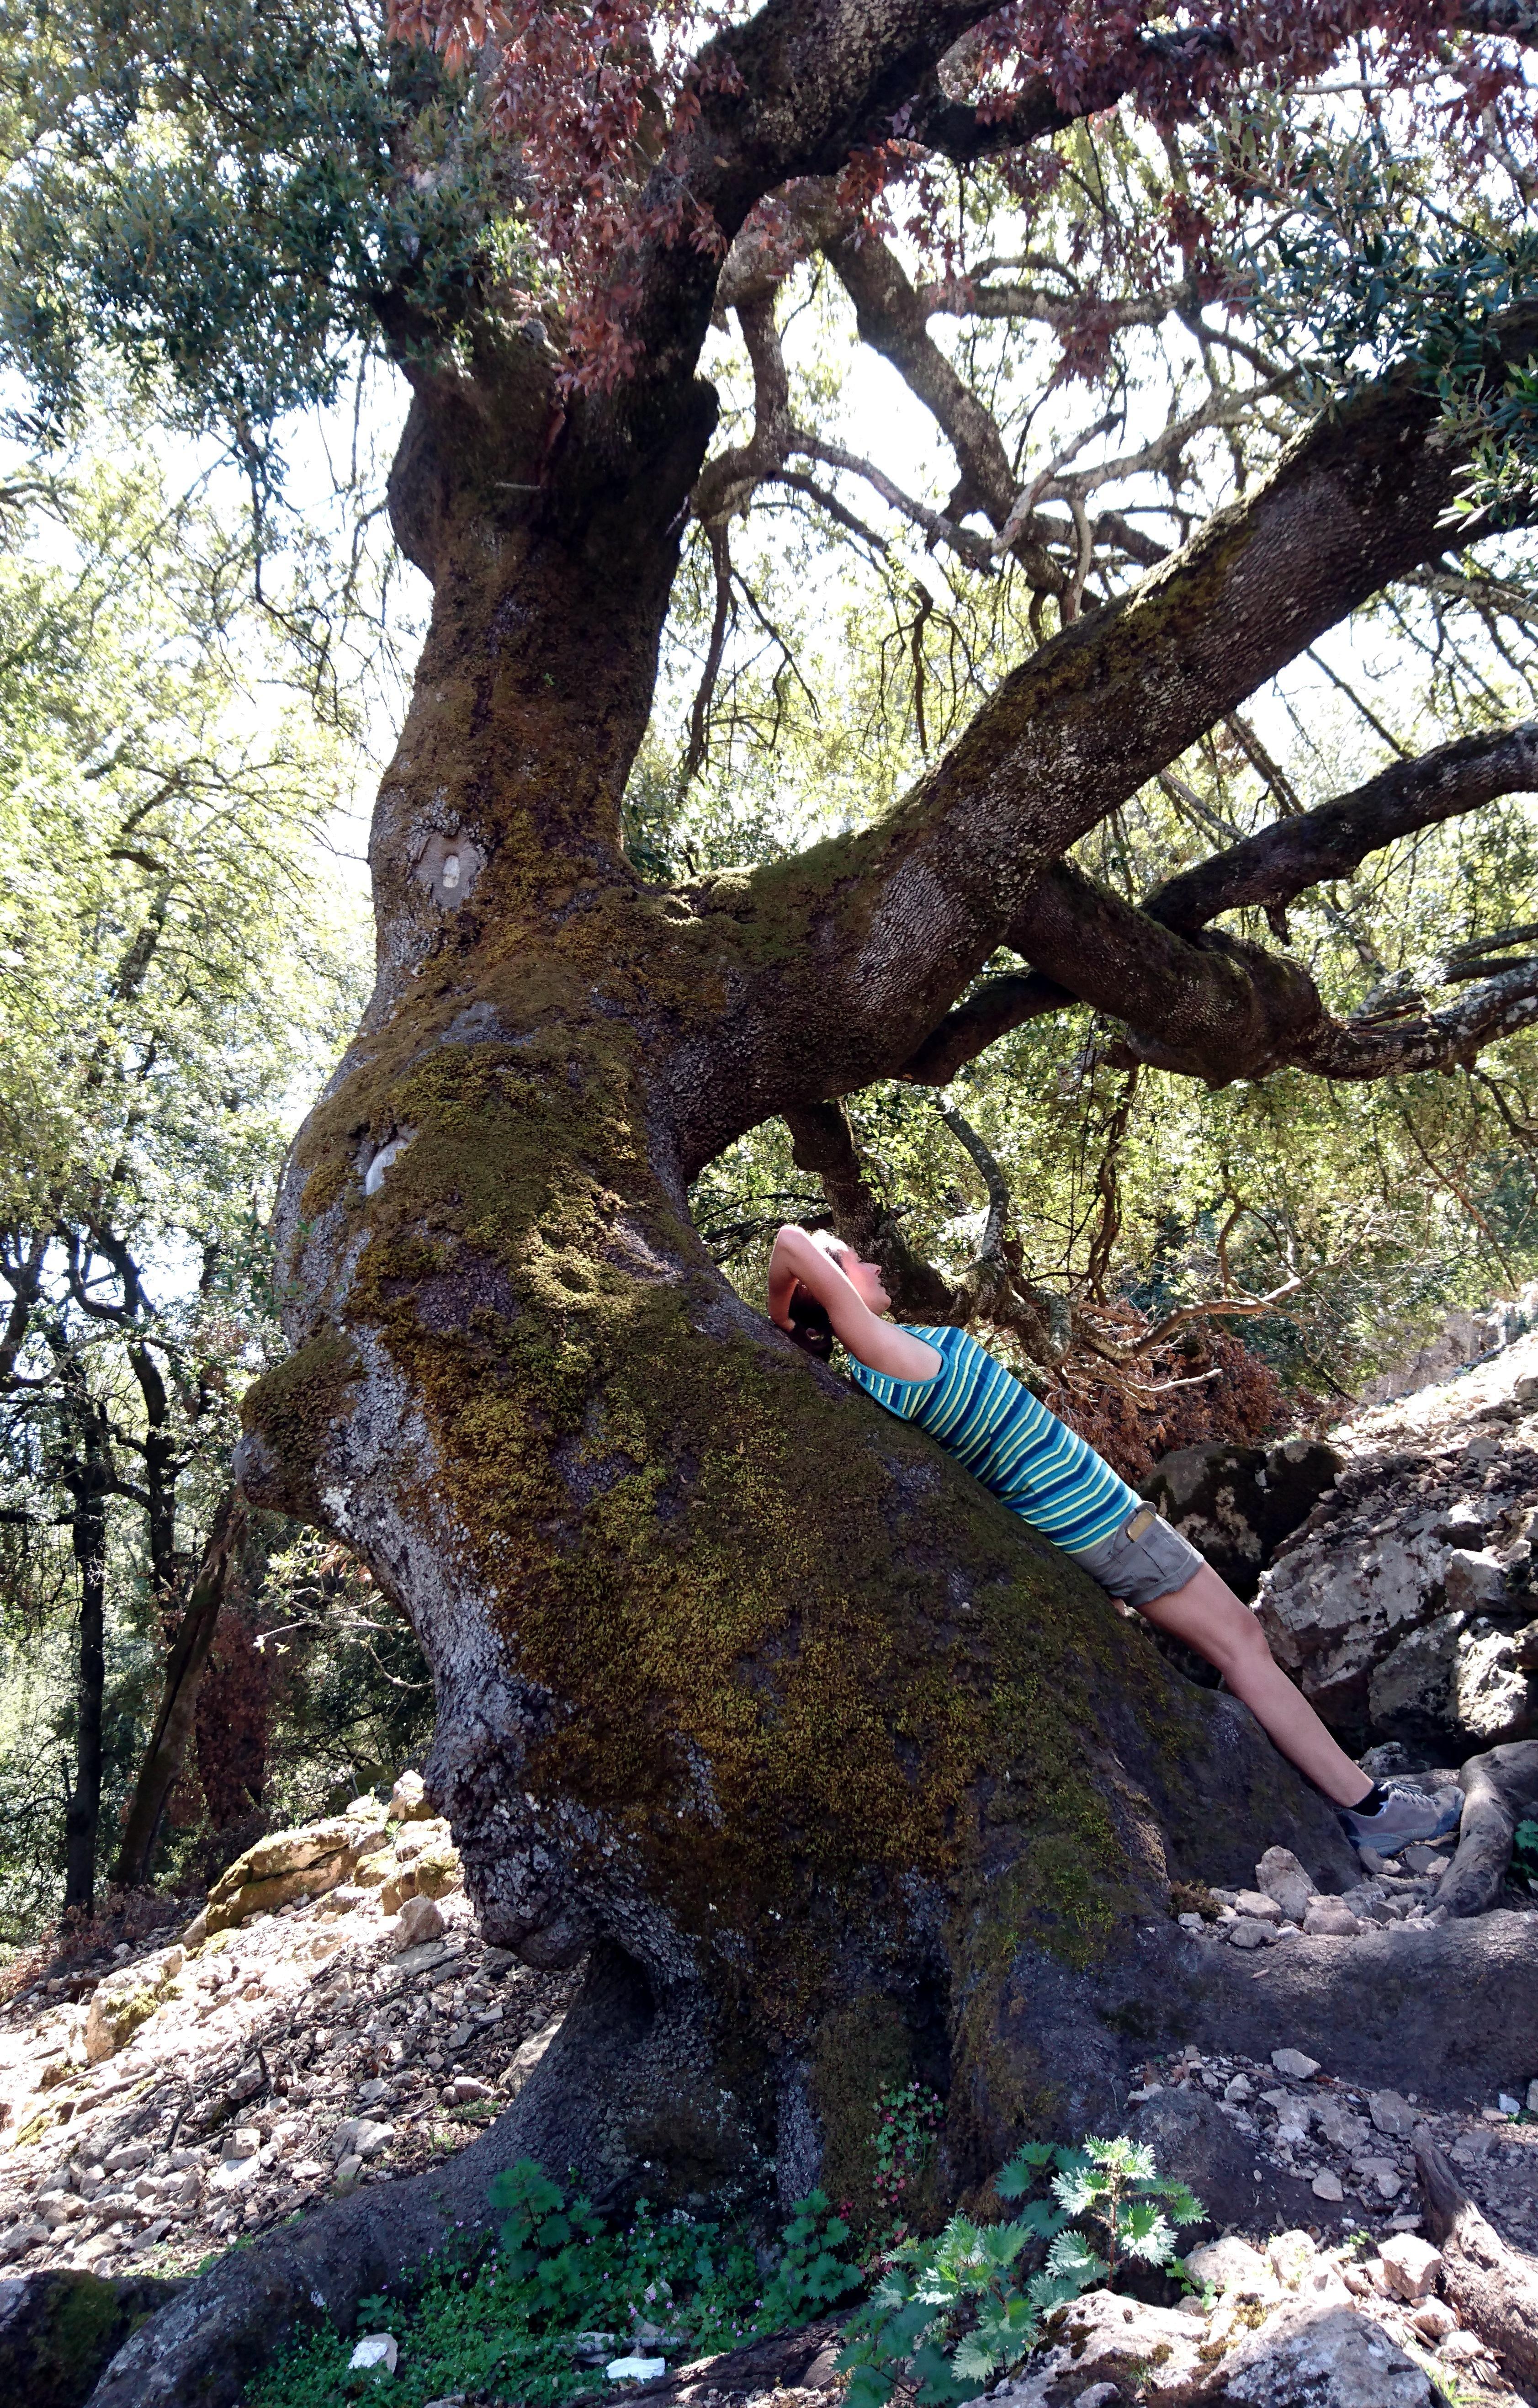 altro magnifico albero lungo il sentiero: sembra sia lì per offrire riparo e riposo